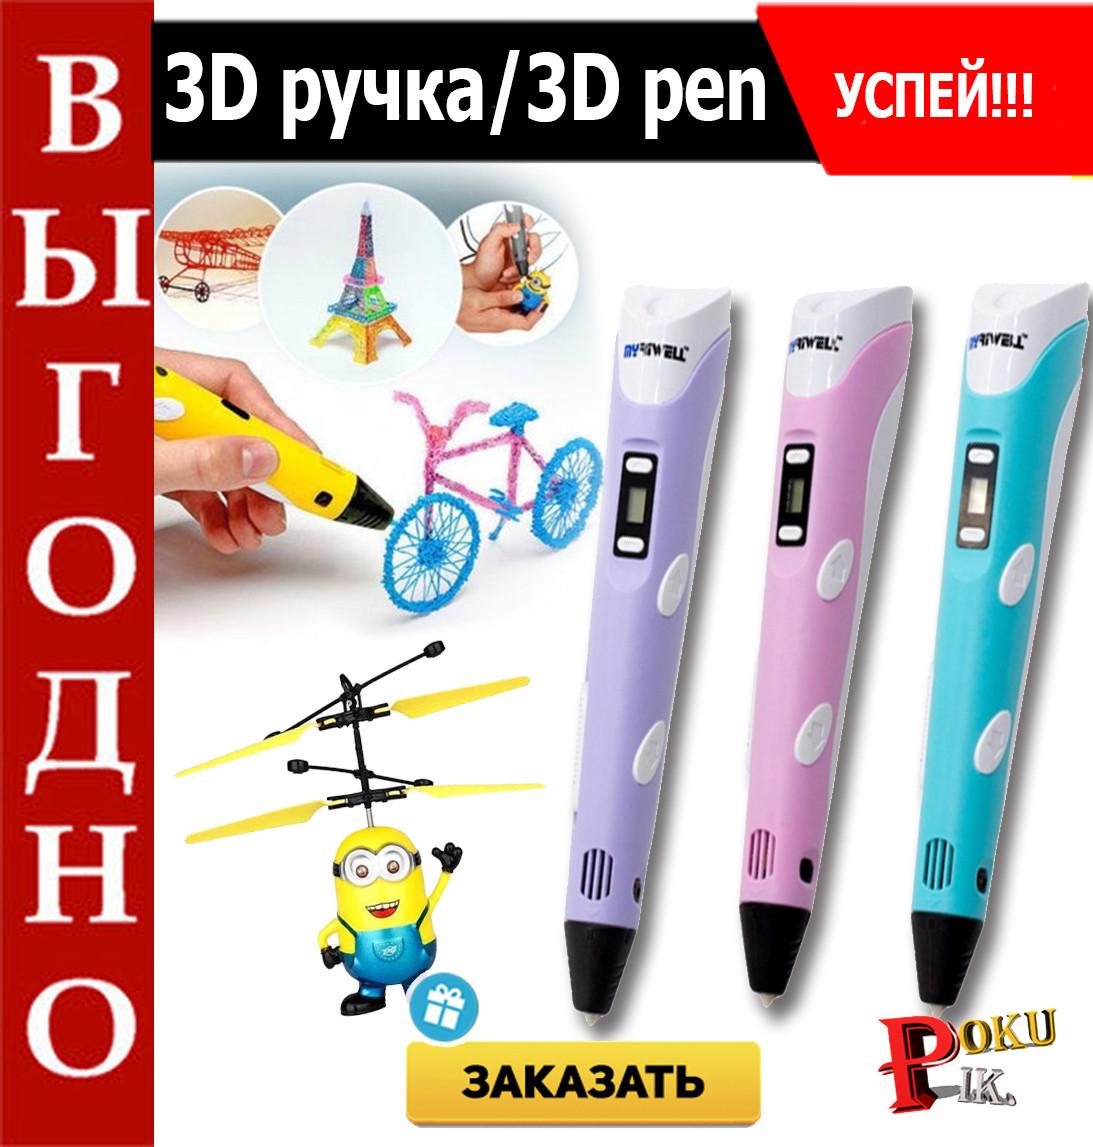 3D ручка/3D pen + летающая игрушка миньон в подарок.